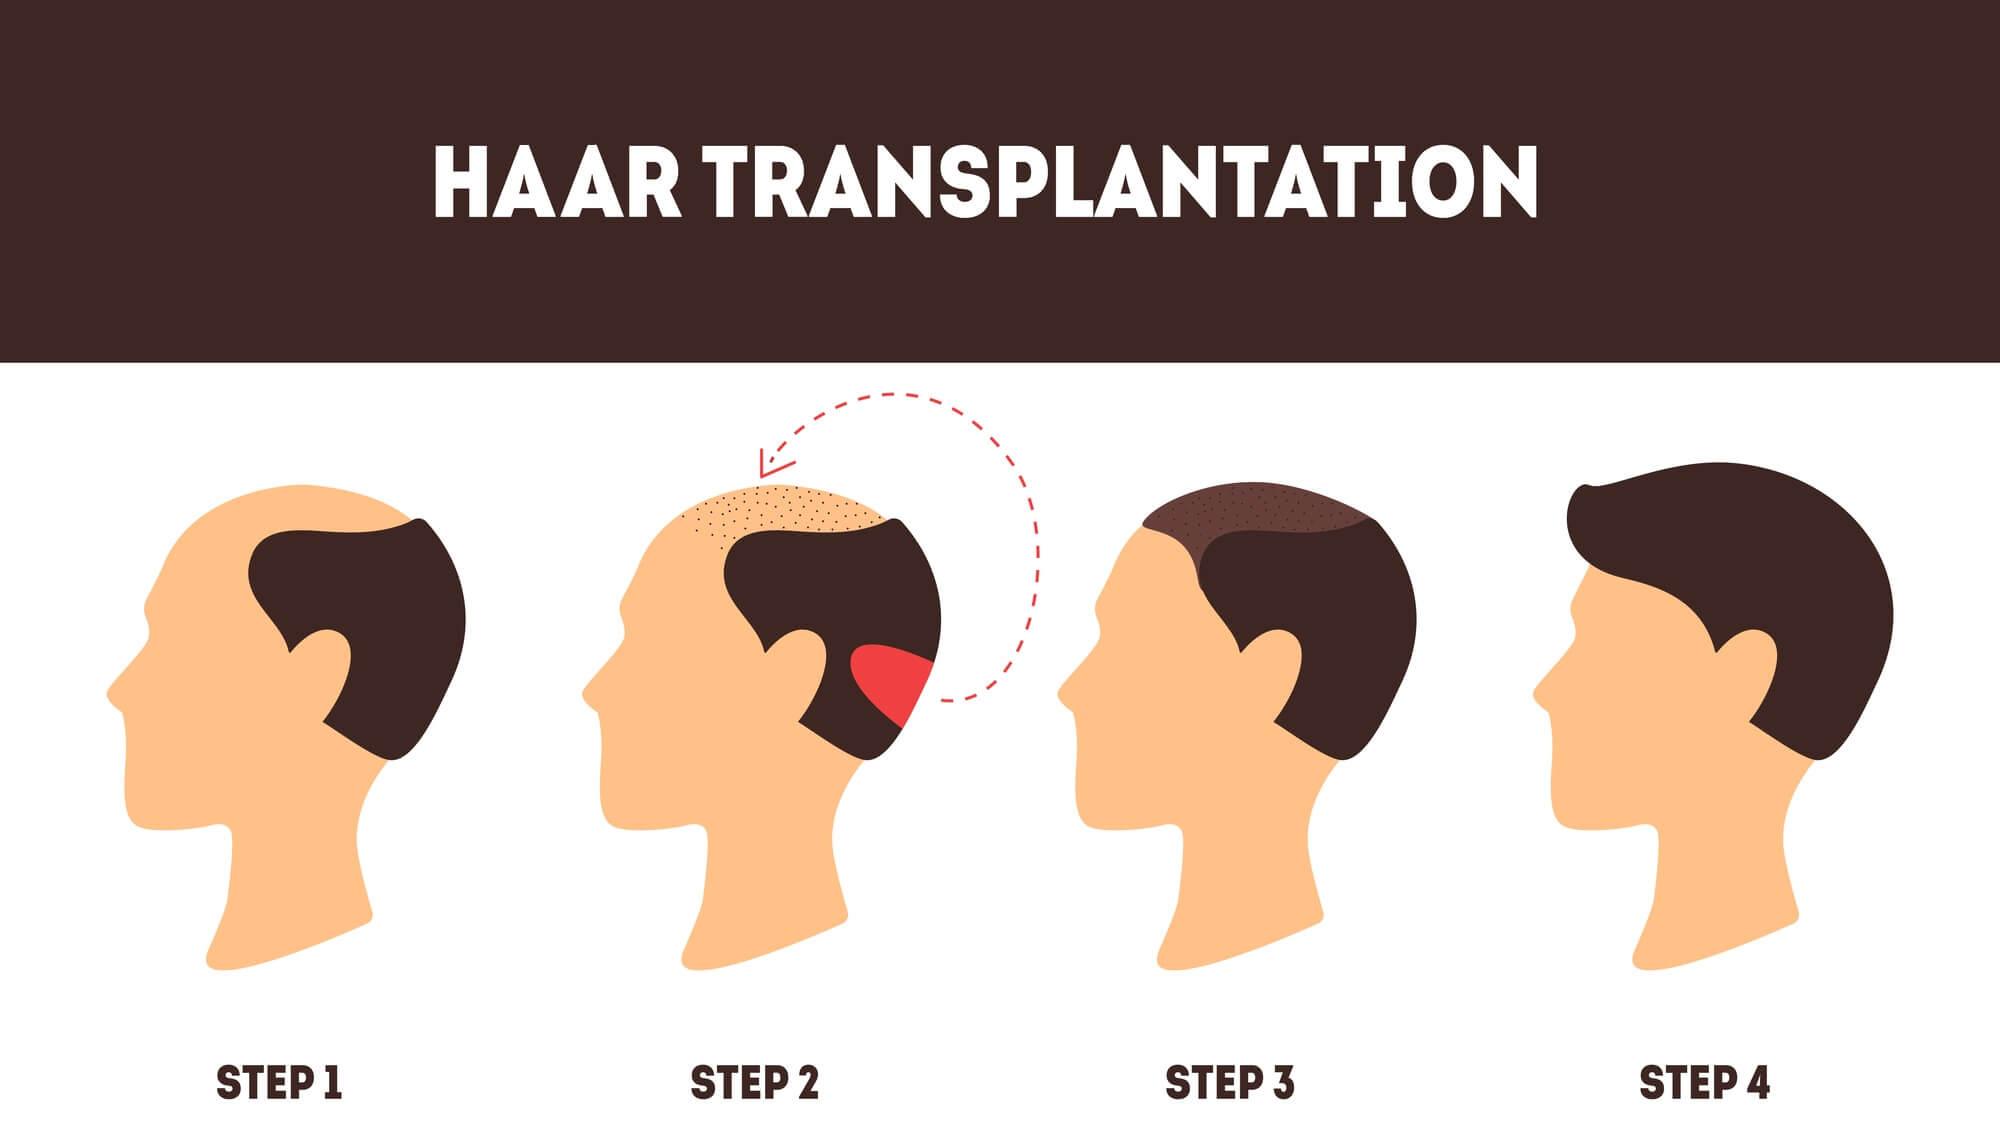 Ablauf - So geht der Arzt bei einer Haartransplantation vor